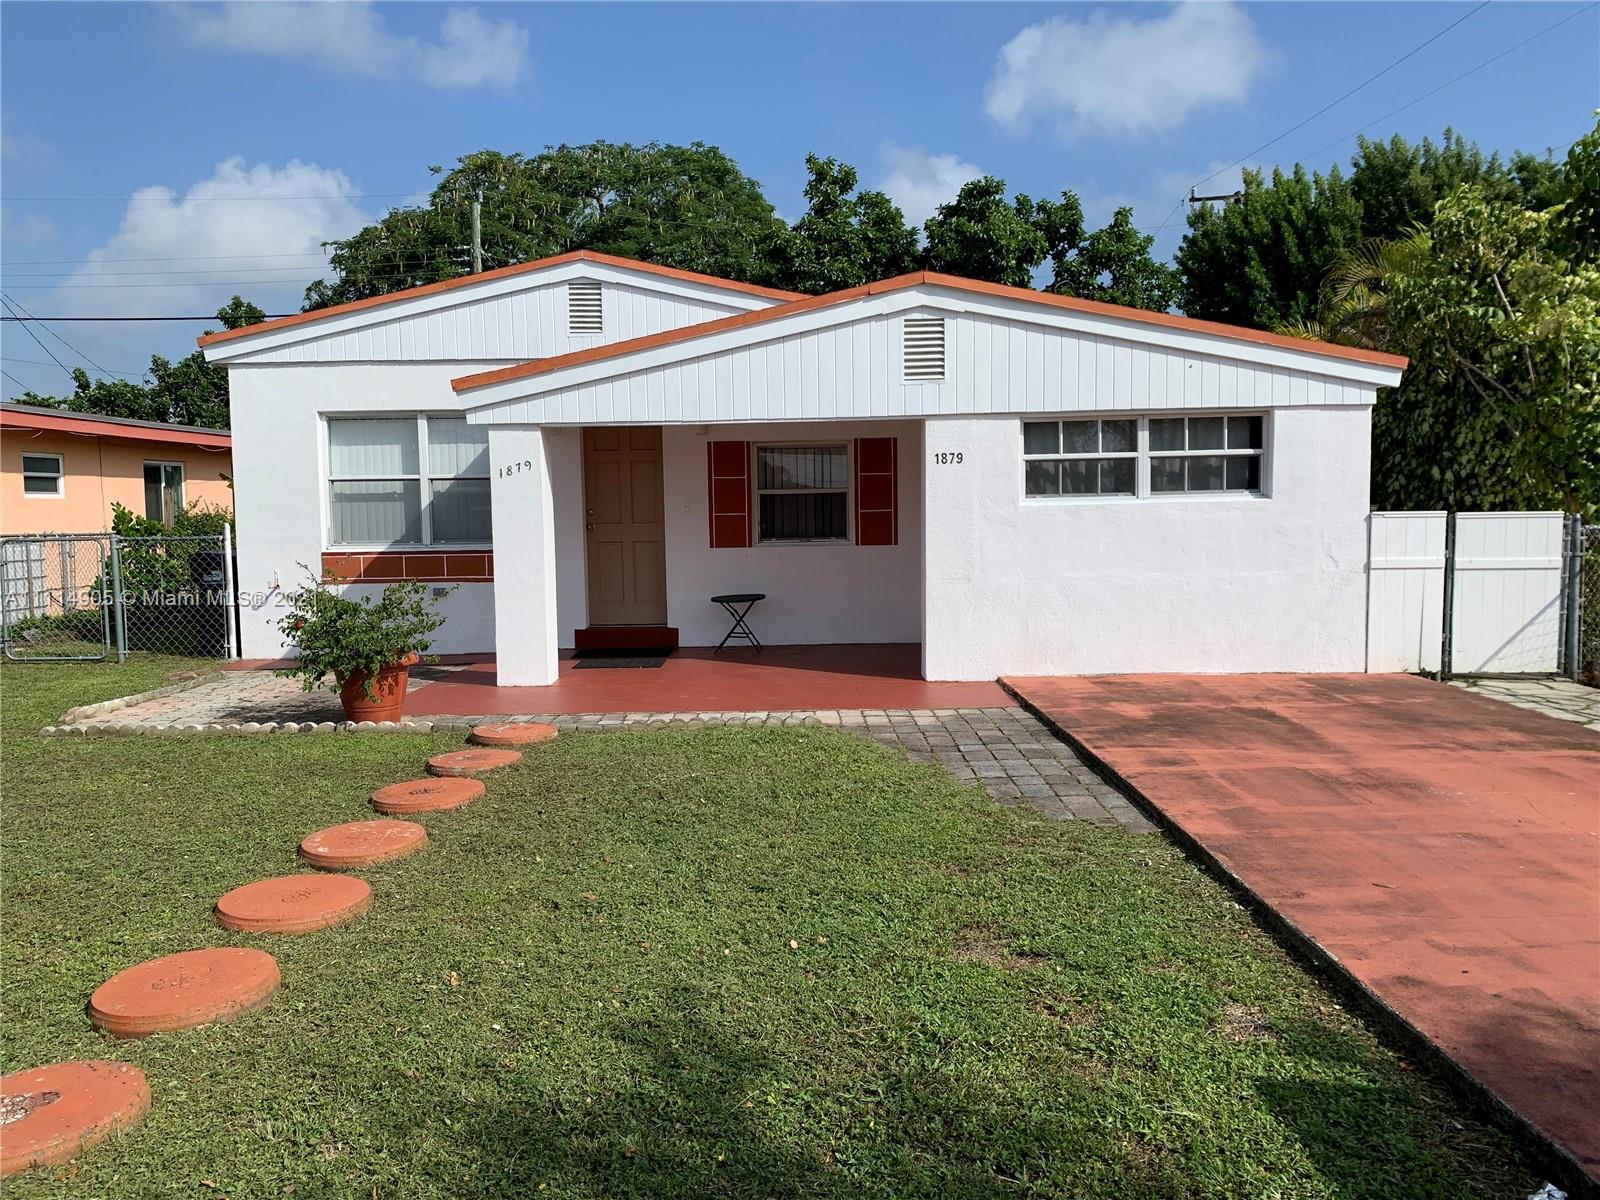 North Miami Beach - 1879 NE 181st St, North Miami Beach, FL 33162